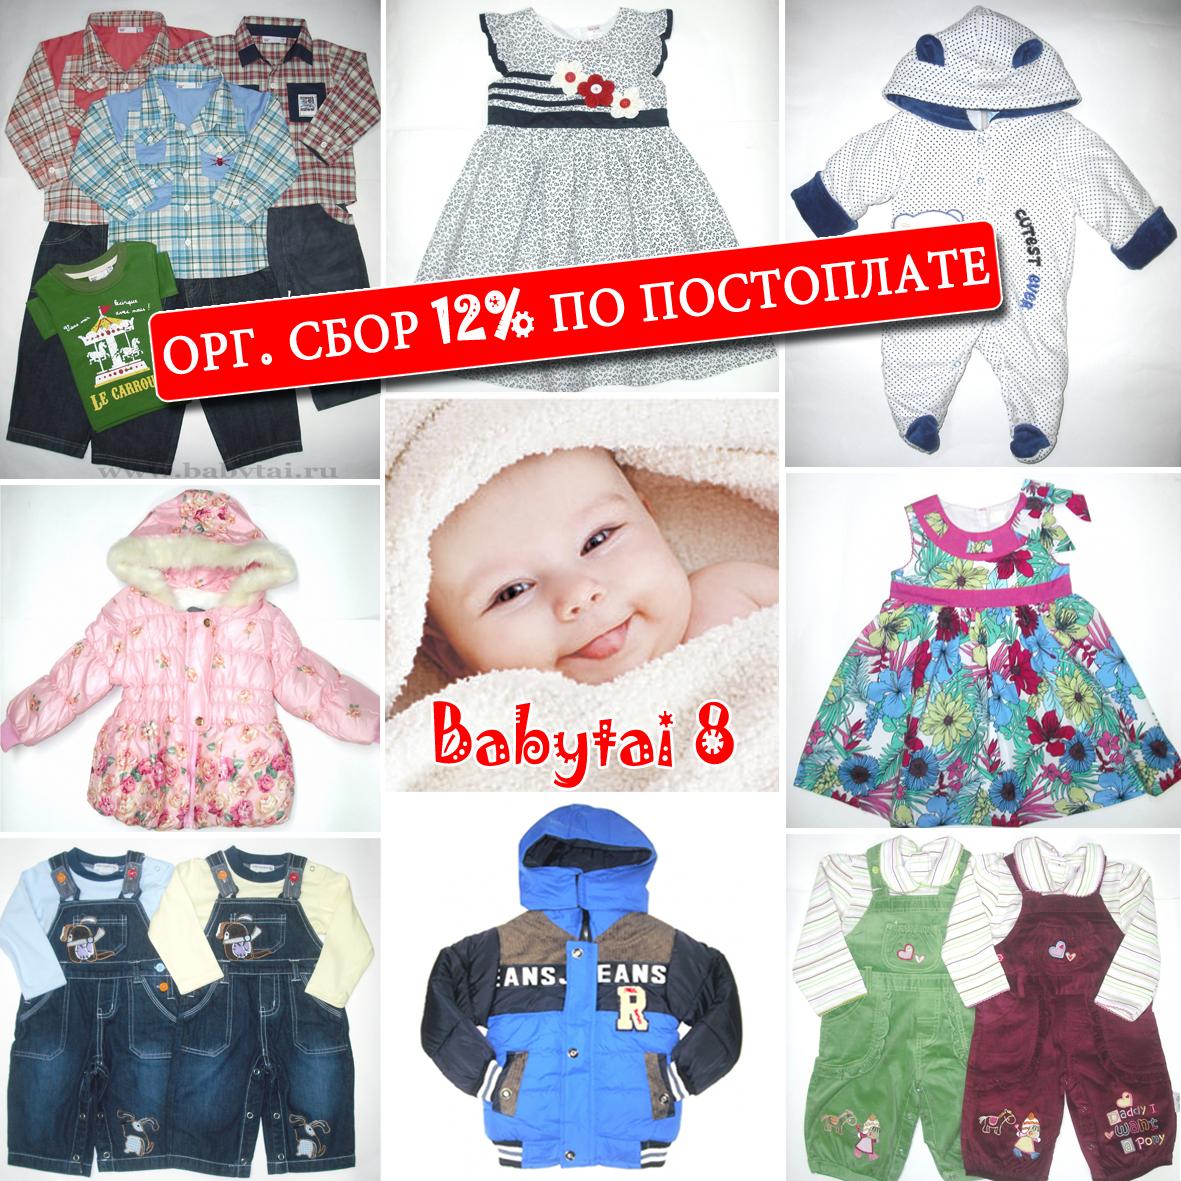 Сбор заказов. Babytai - большой выбор детской одежды от 0 и старше. Утепленные костюмы для малышей. Распродажа: все по 200, 300, 400 рублей. Заключительный летний выкуп с орг. сбором 12% по постоплате. Не пропустите! Выкуп 8/16